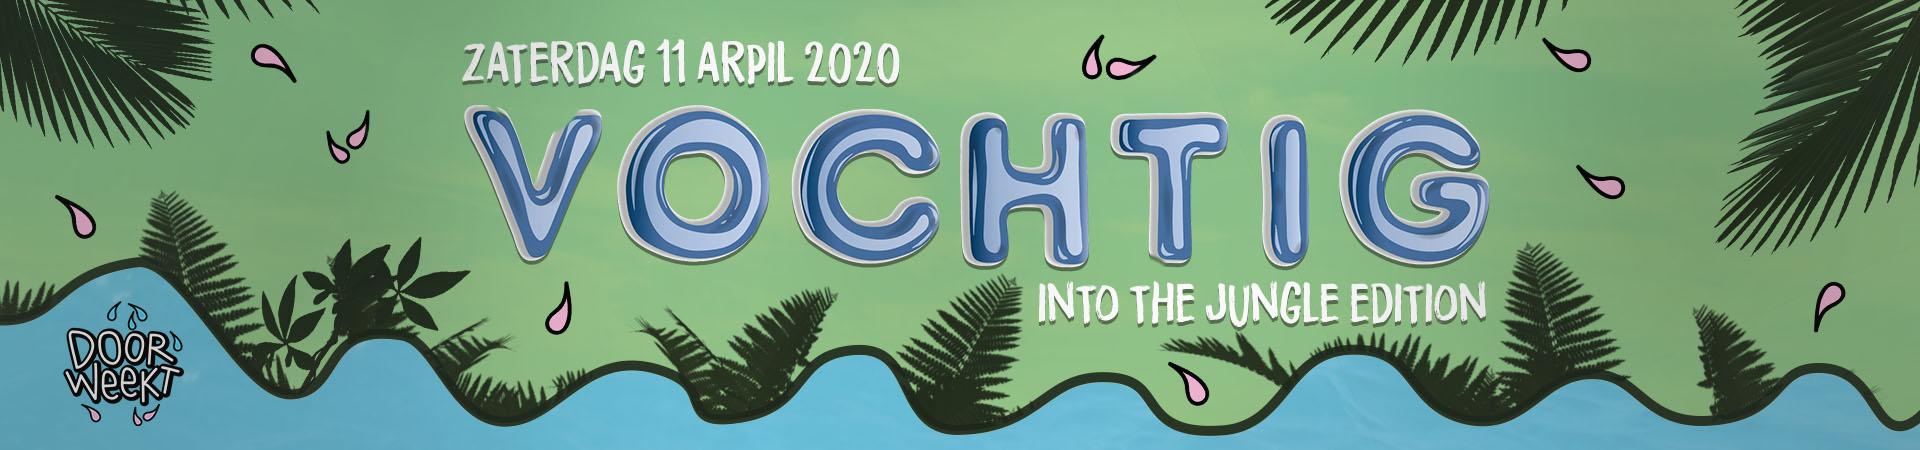 Tavenu Vochtig 11-04-2020 online tickets